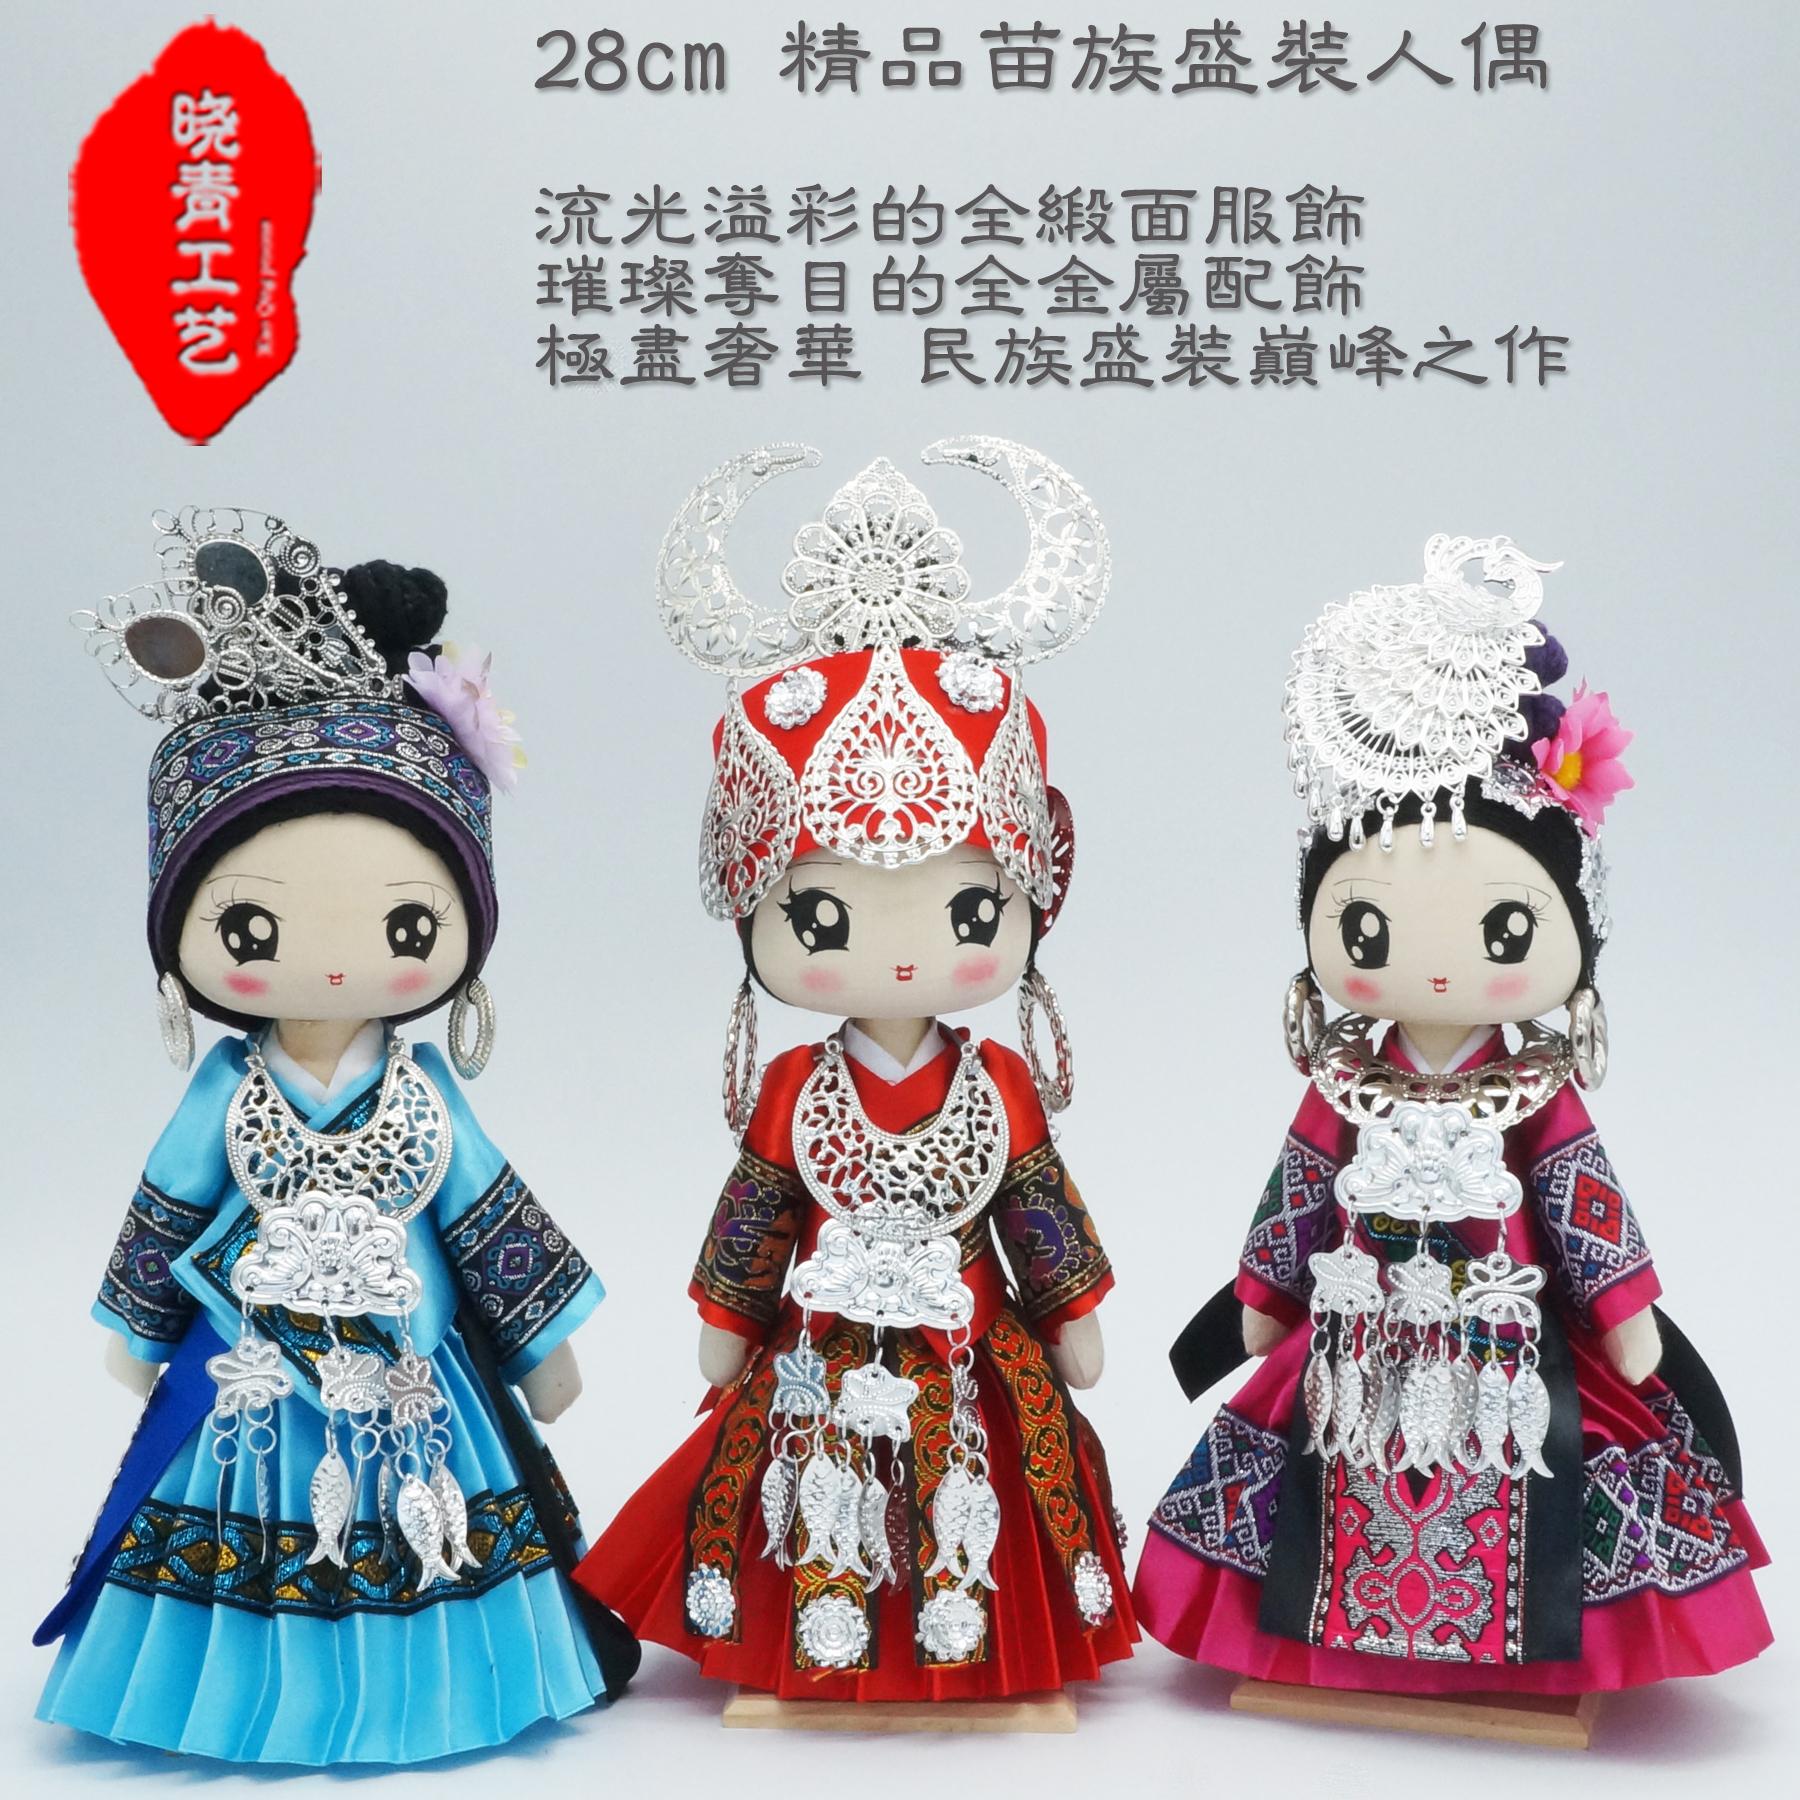 晓青工艺28cm中国特色手工艺 苗族民族娃娃人偶 贵州旅游纪念品